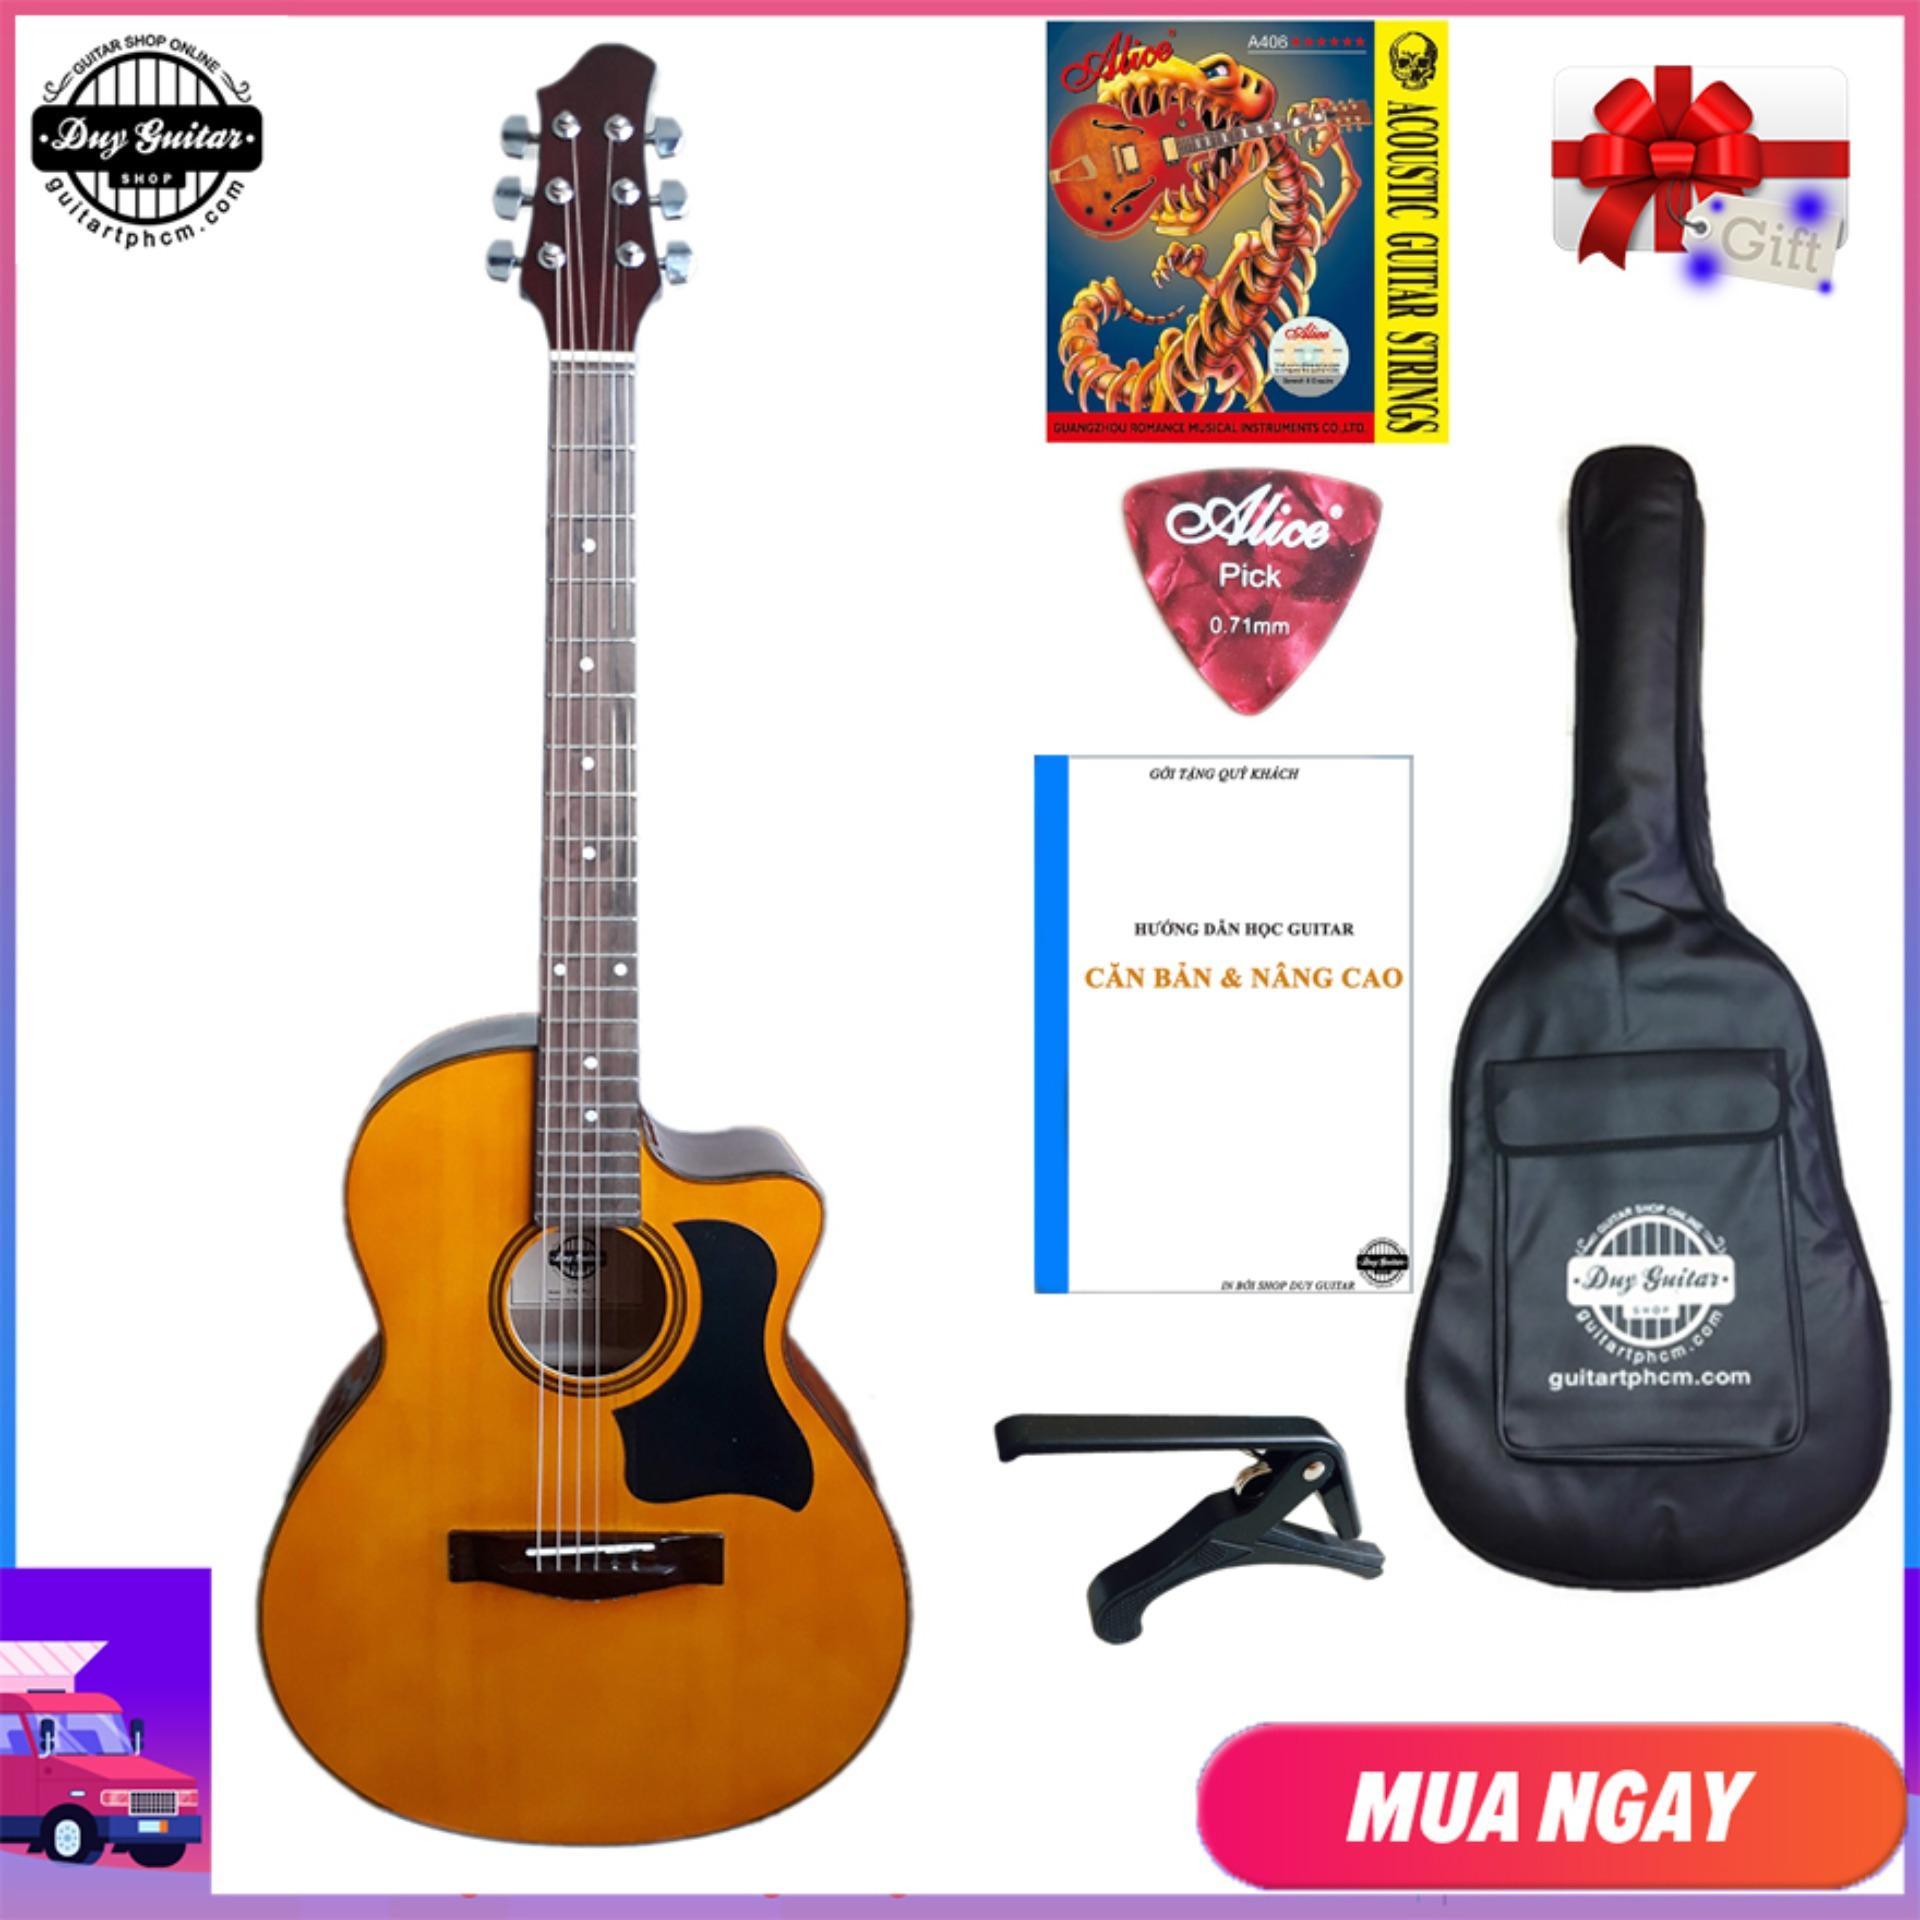 [ Tặng Giáo Trình ] Đàn Guitar Acoustic DVE70 ( Màu Vàng )+ Tặng Combo Bao Da, Capo, Phụ Kiện Duy Guitar - Shop đàn Ghita Giá Rẻ - Đàn Ghi-ta Dành Cho Người Mới Tập - Shop đàn Ghi Ta đệm Hát Modern Có Giá Rất Tốt